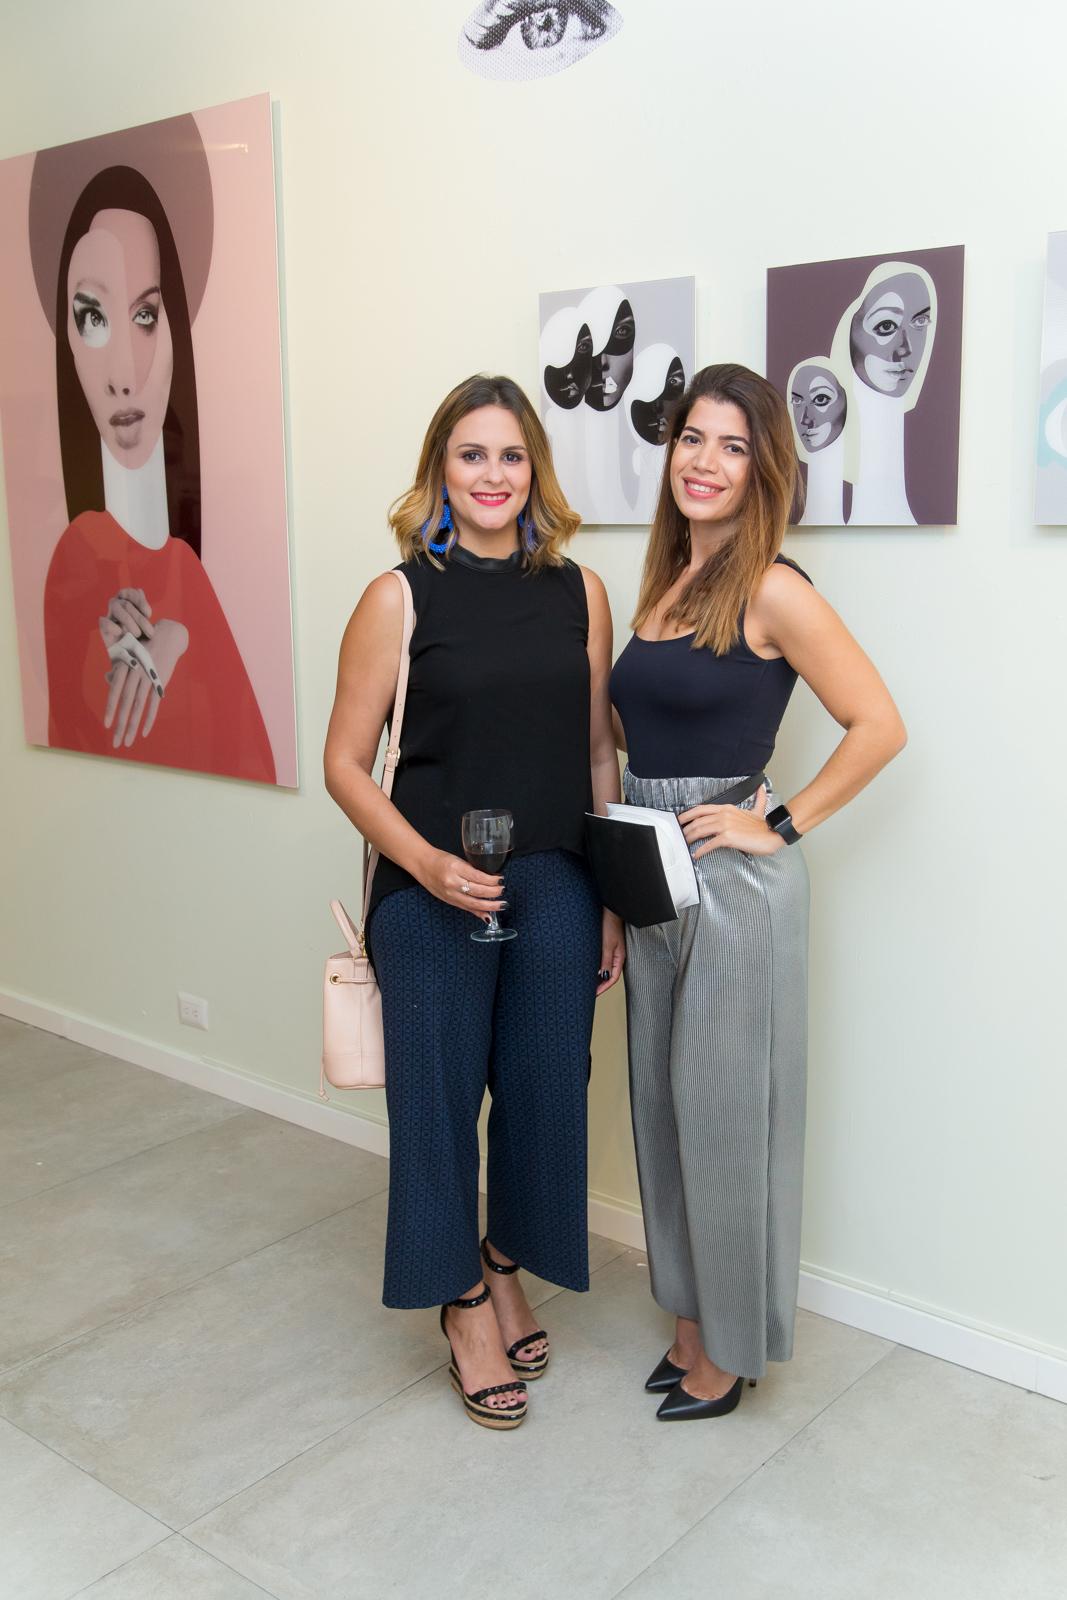 11. María González & Annellie Khoury